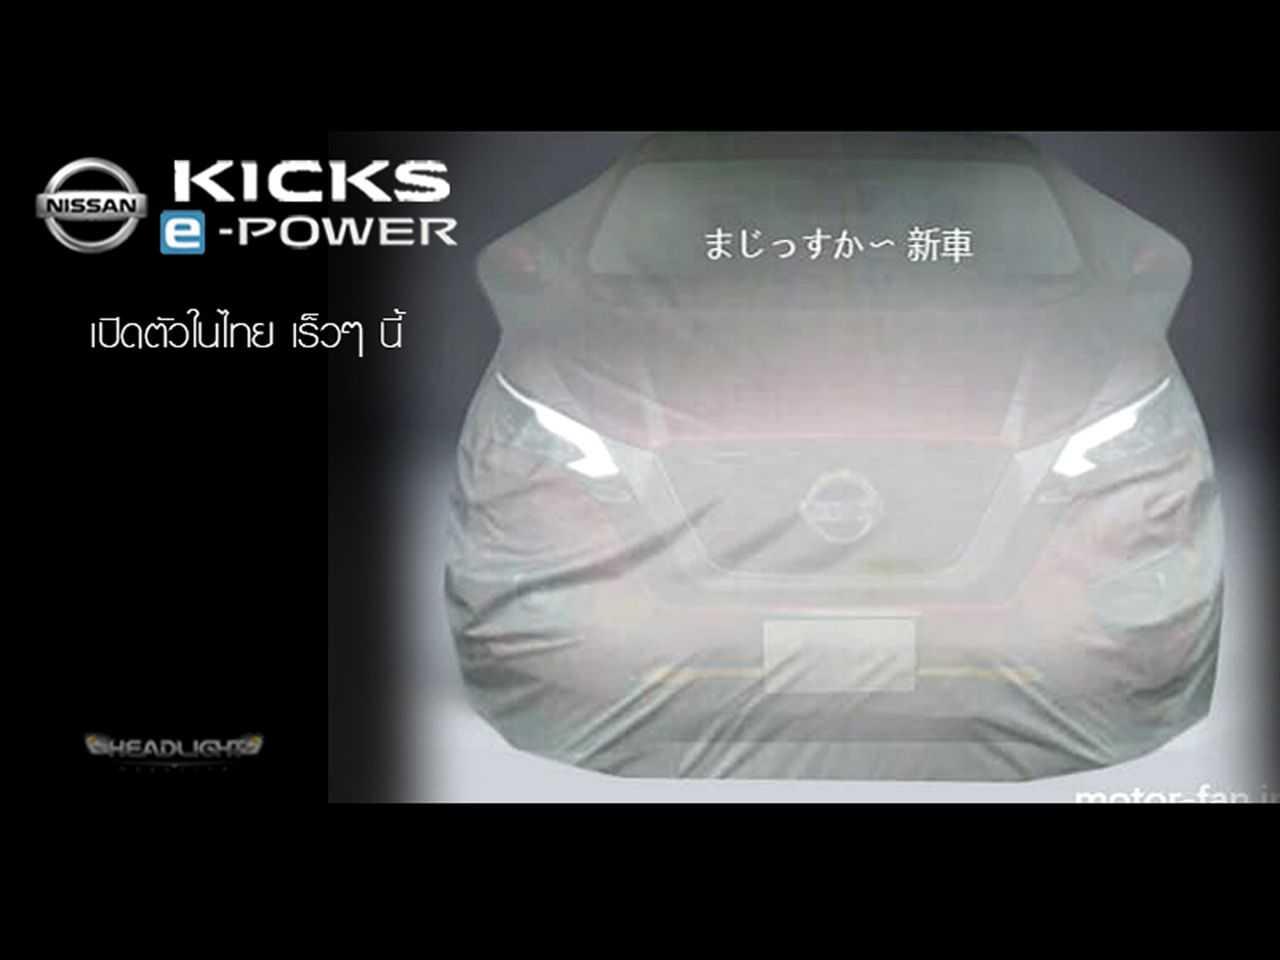 Teaser antecipando o facelift do Nissan Kicks: nova dianteira e propulsão híbrida